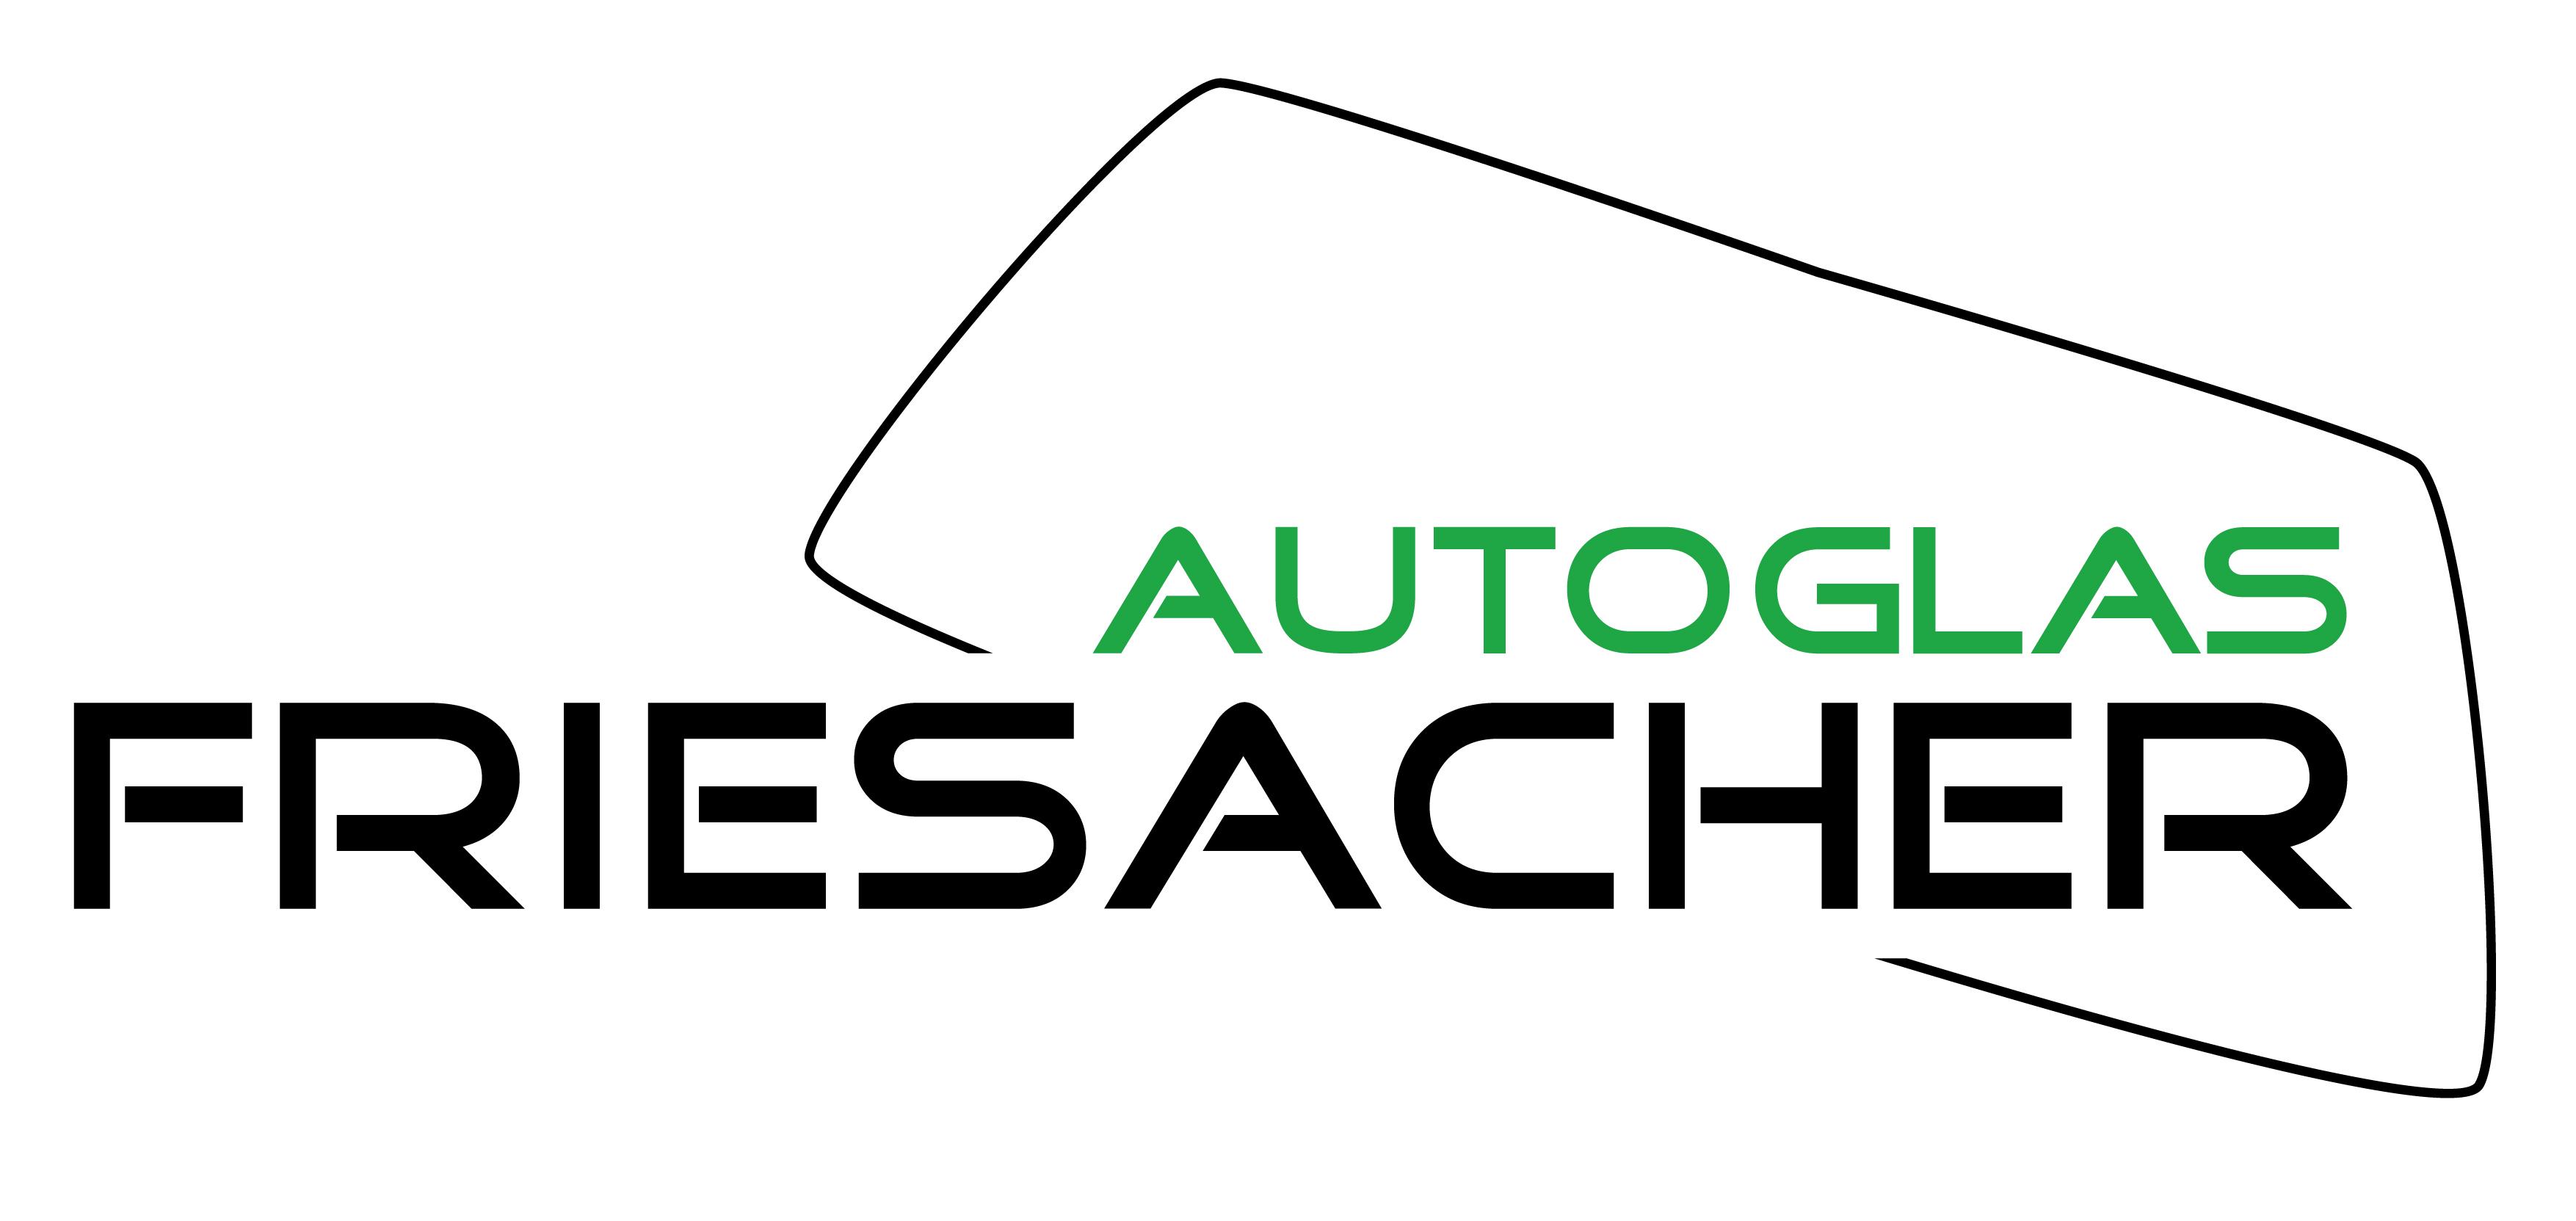 Autoglas Friesacher - Ihr Partner für professionelle Autoverglasung und -reparatur